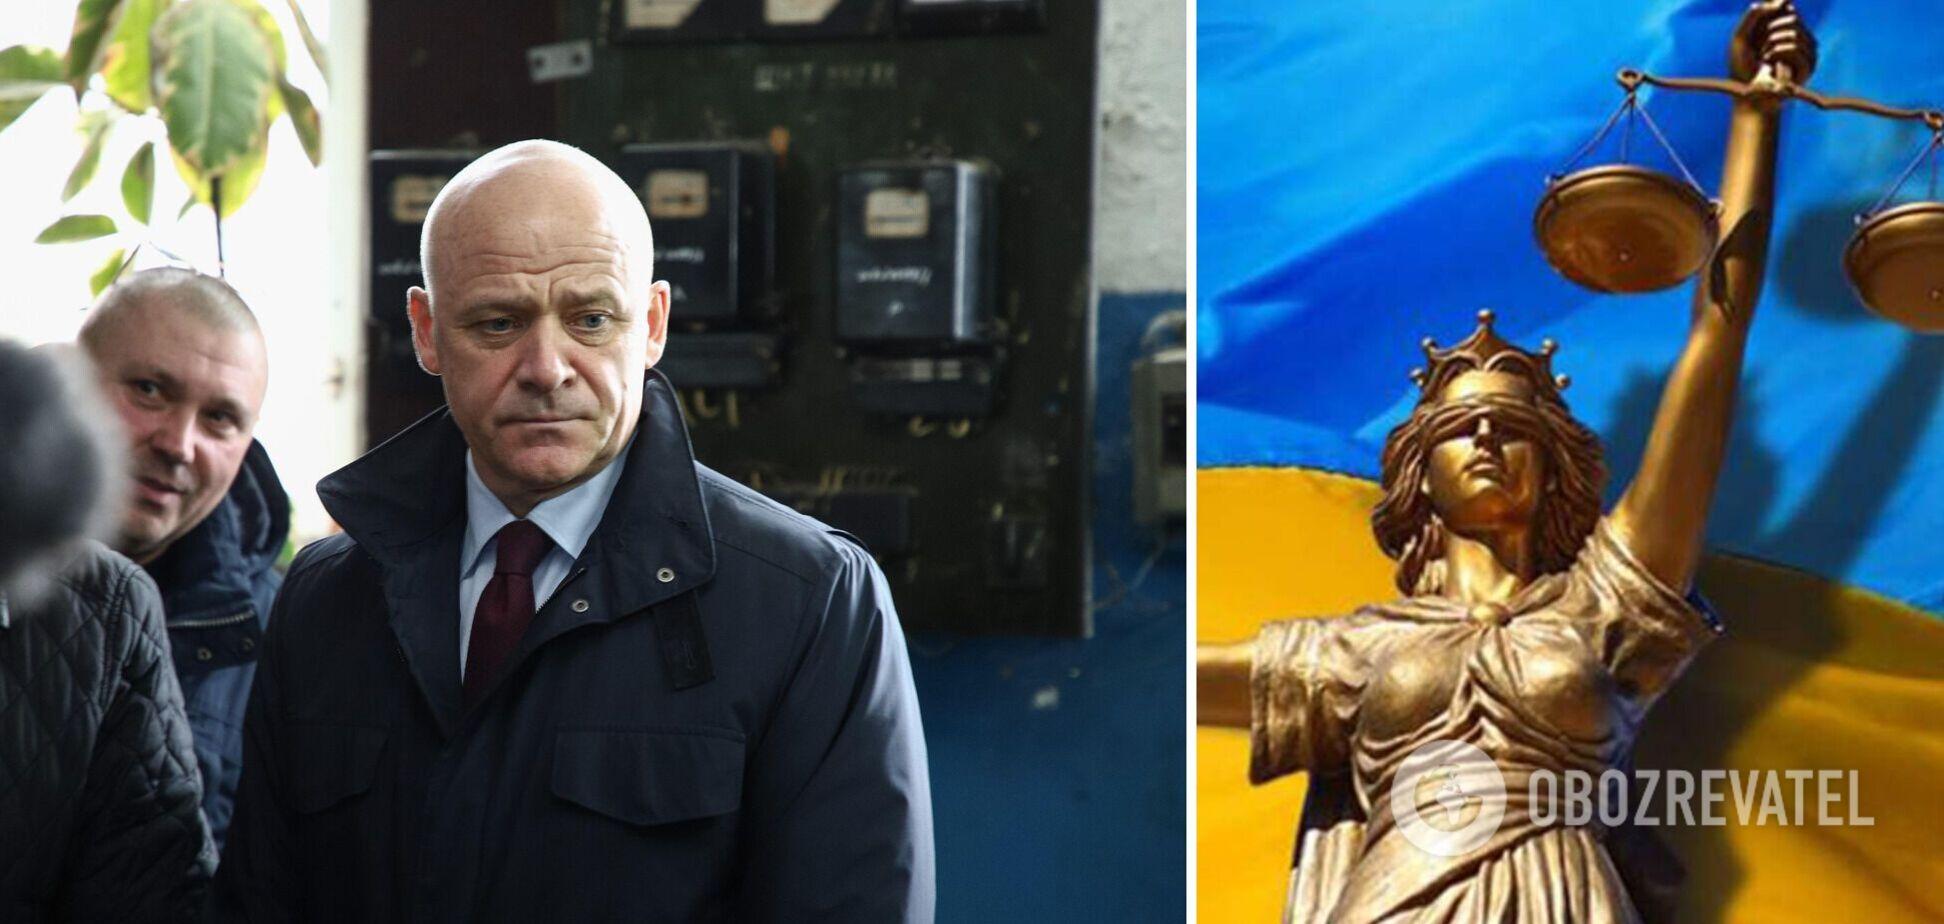 Суд продовжує обирати запобіжний захід Труханову 11 жовтня. Онлайн-трансляція